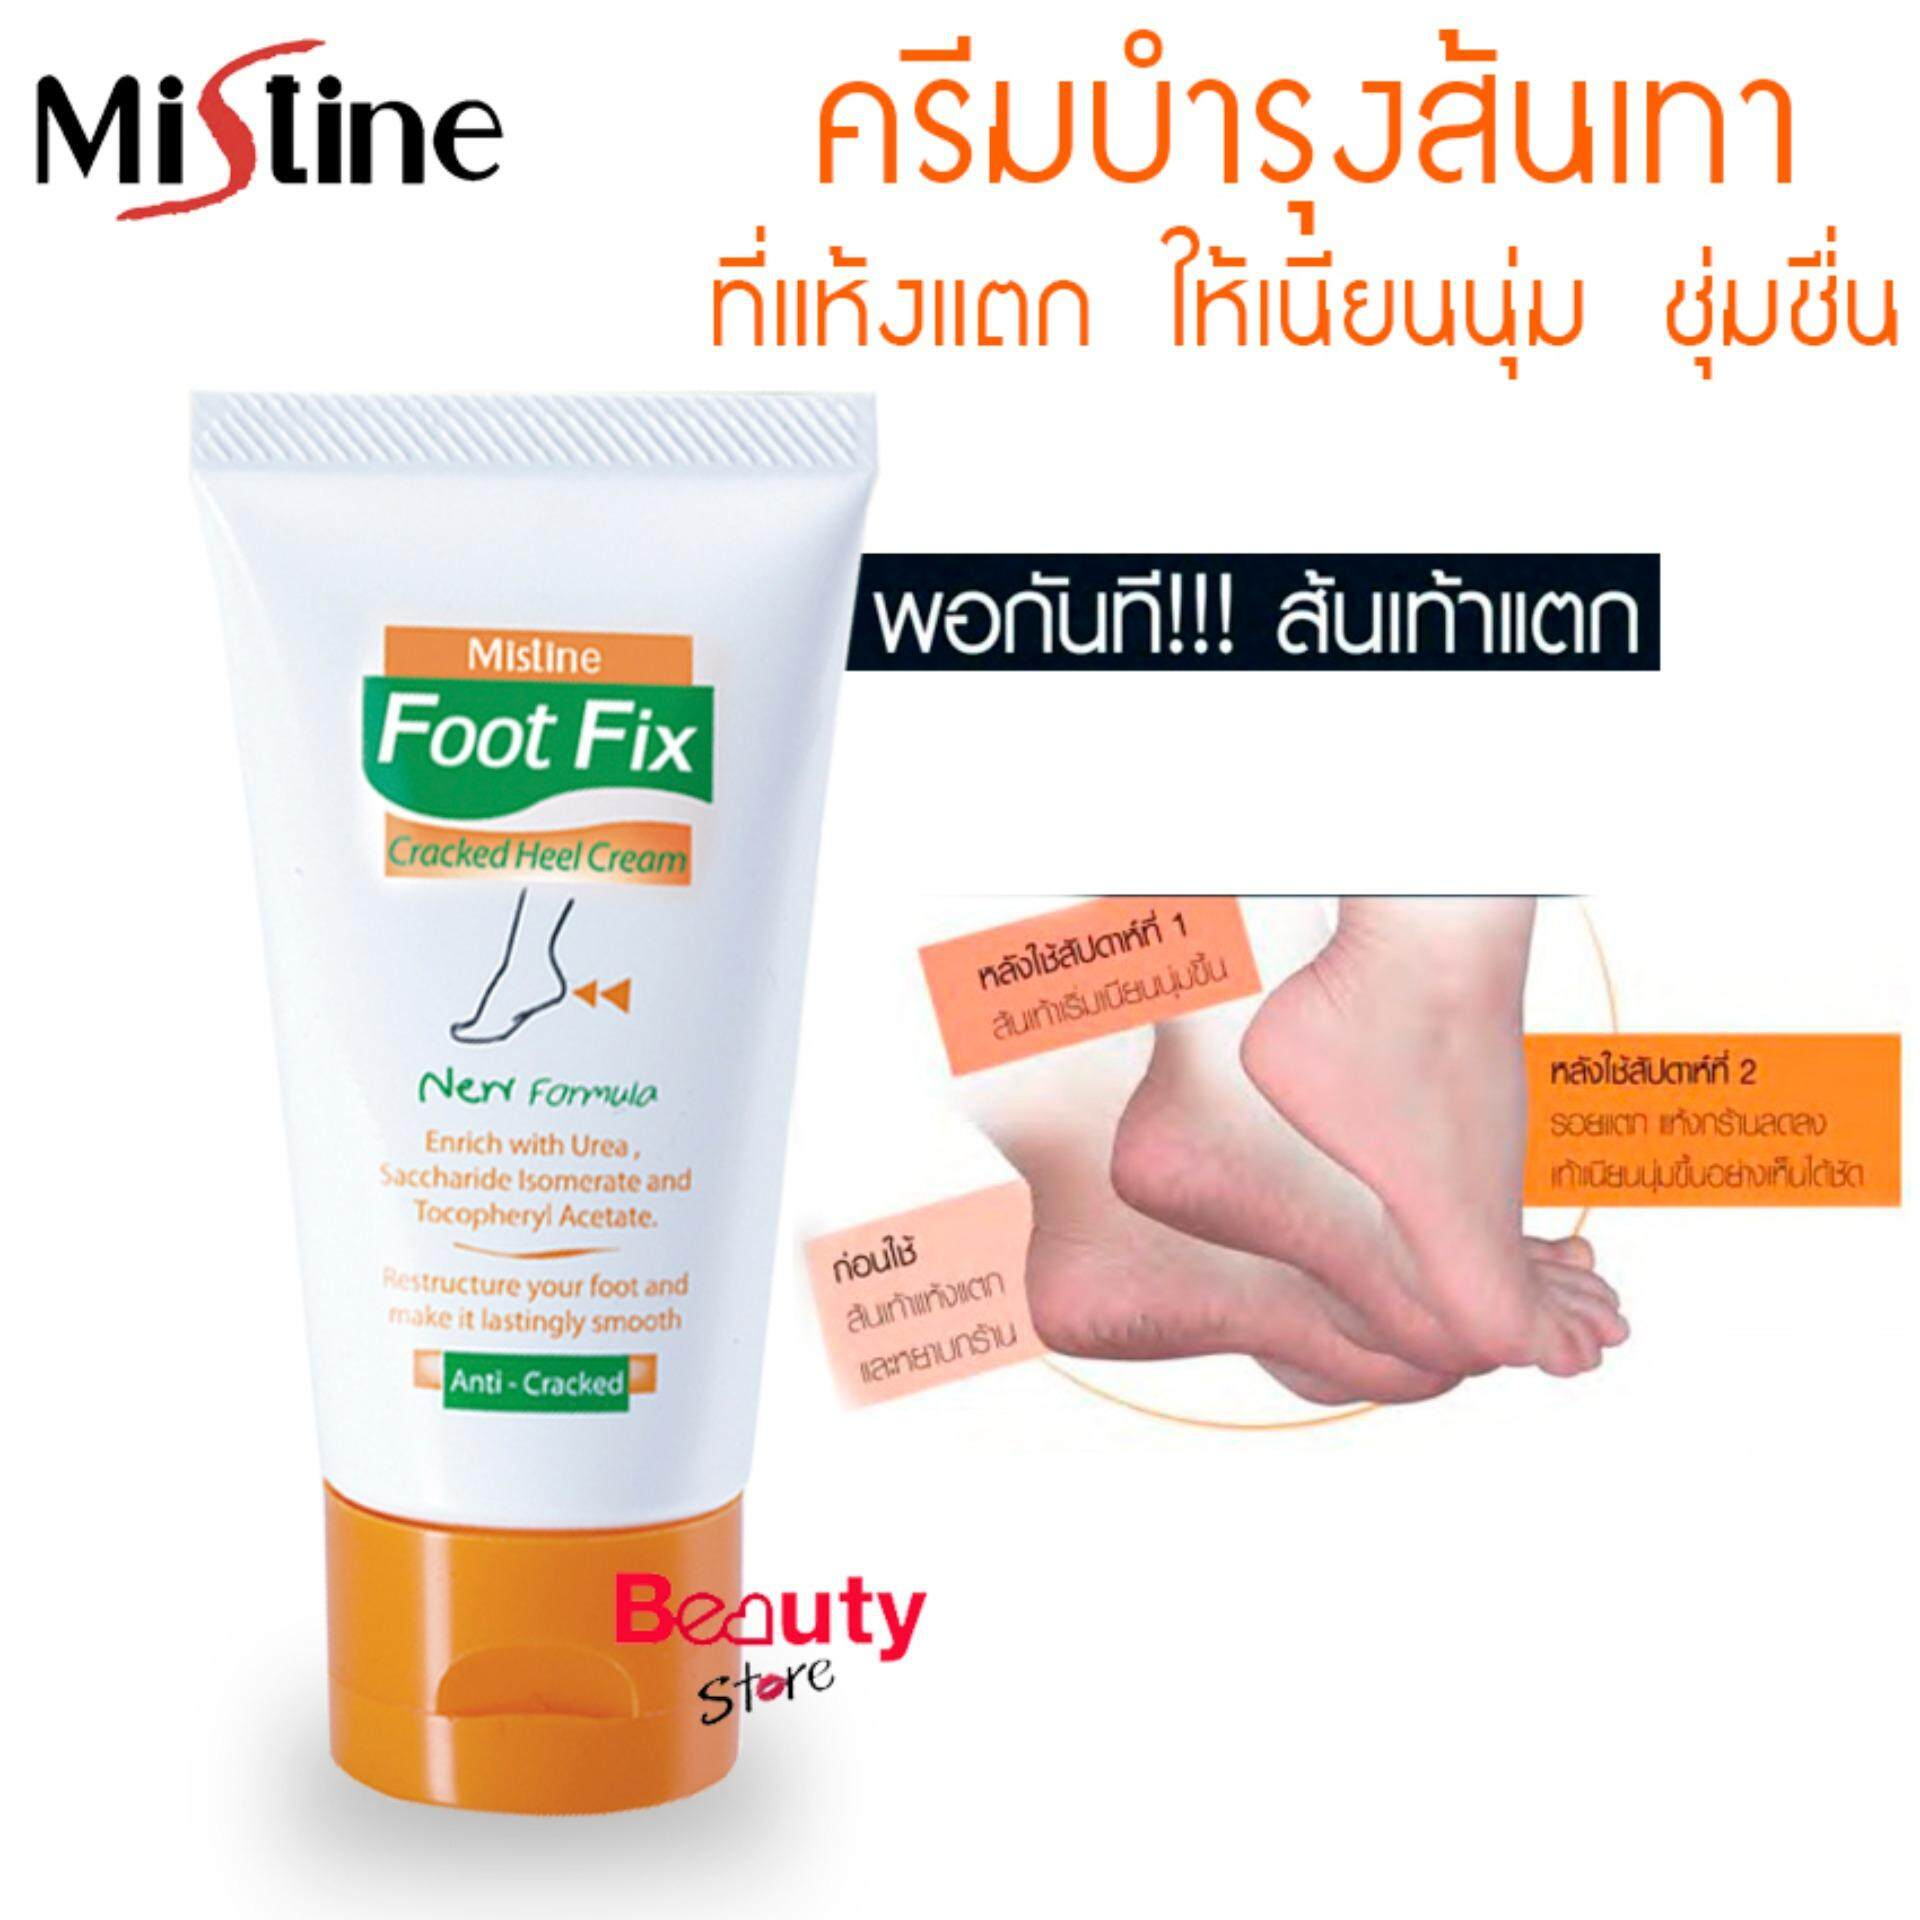 Mistine Foot Fix Cracked Heel Cream 50g. มิสทีน ฟุต ฟิกซ์ ครีมบำรุงส้นเท้าแตก ครีมทาส้นเท้าแตก ครีมป้องกันส้นเท้าแตก By Beauty Store.